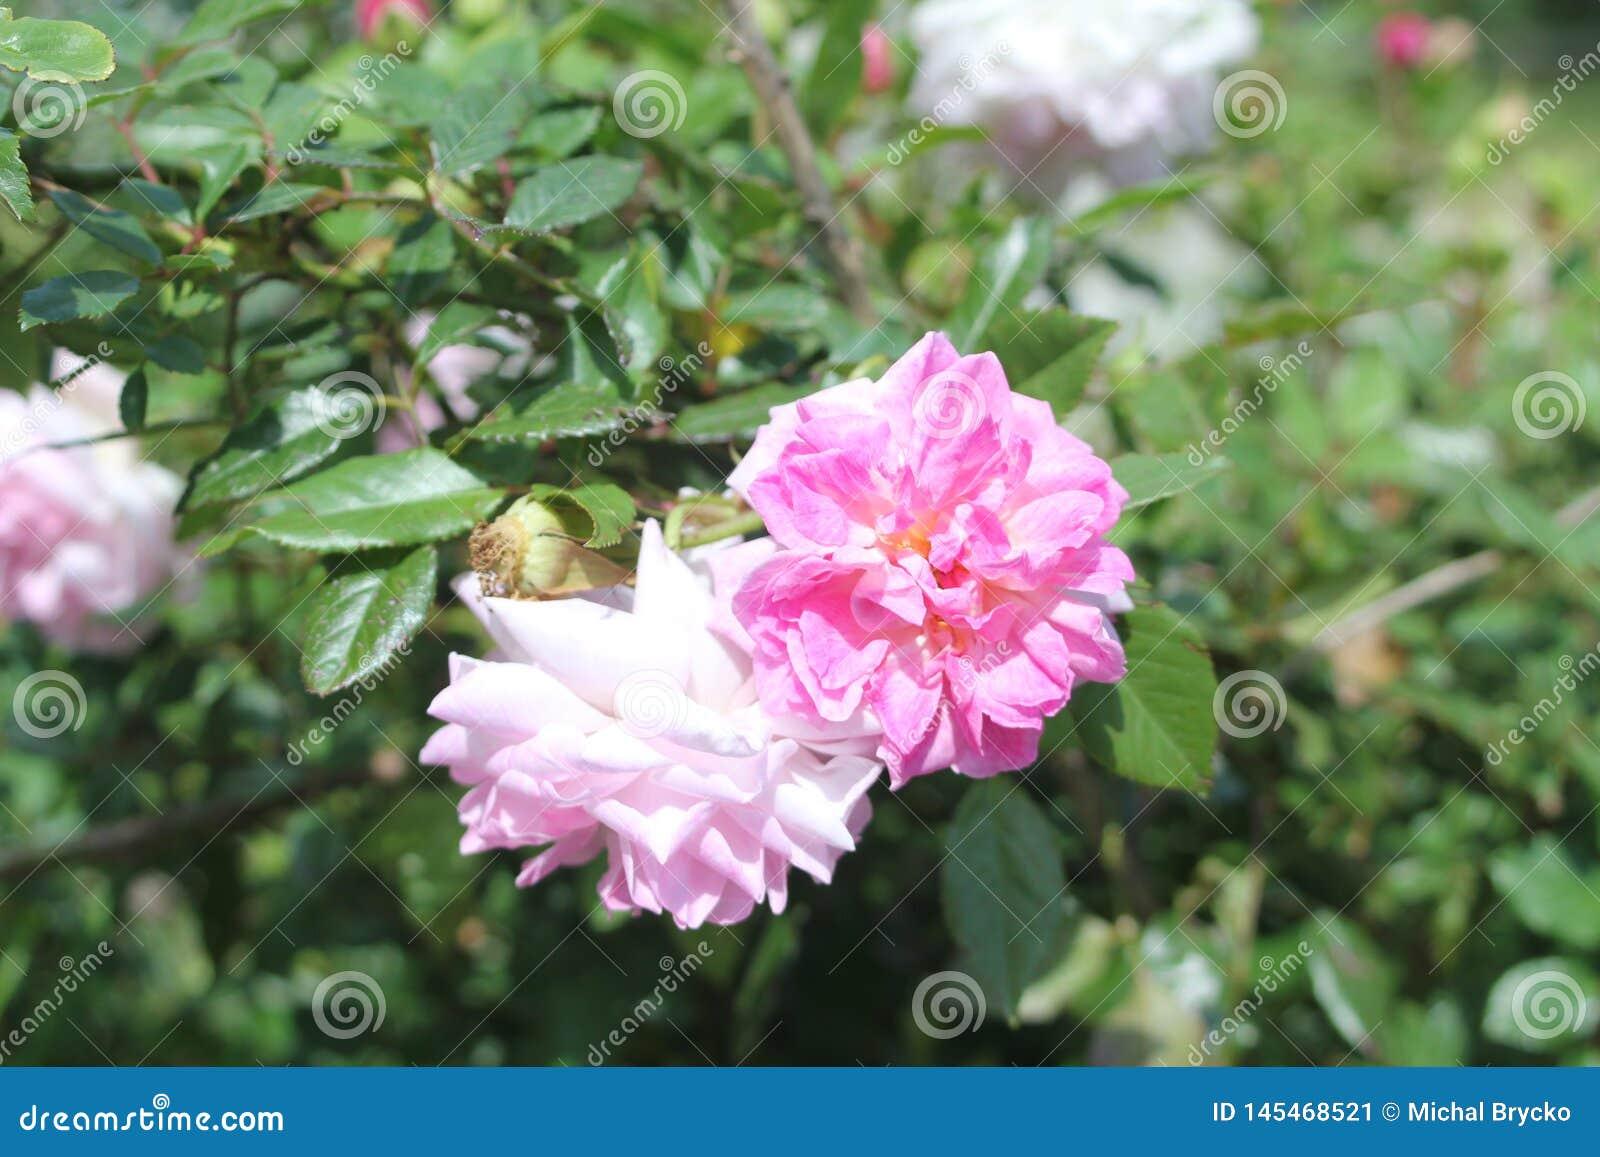 Pink Flowers near Green Lake in Turkey.